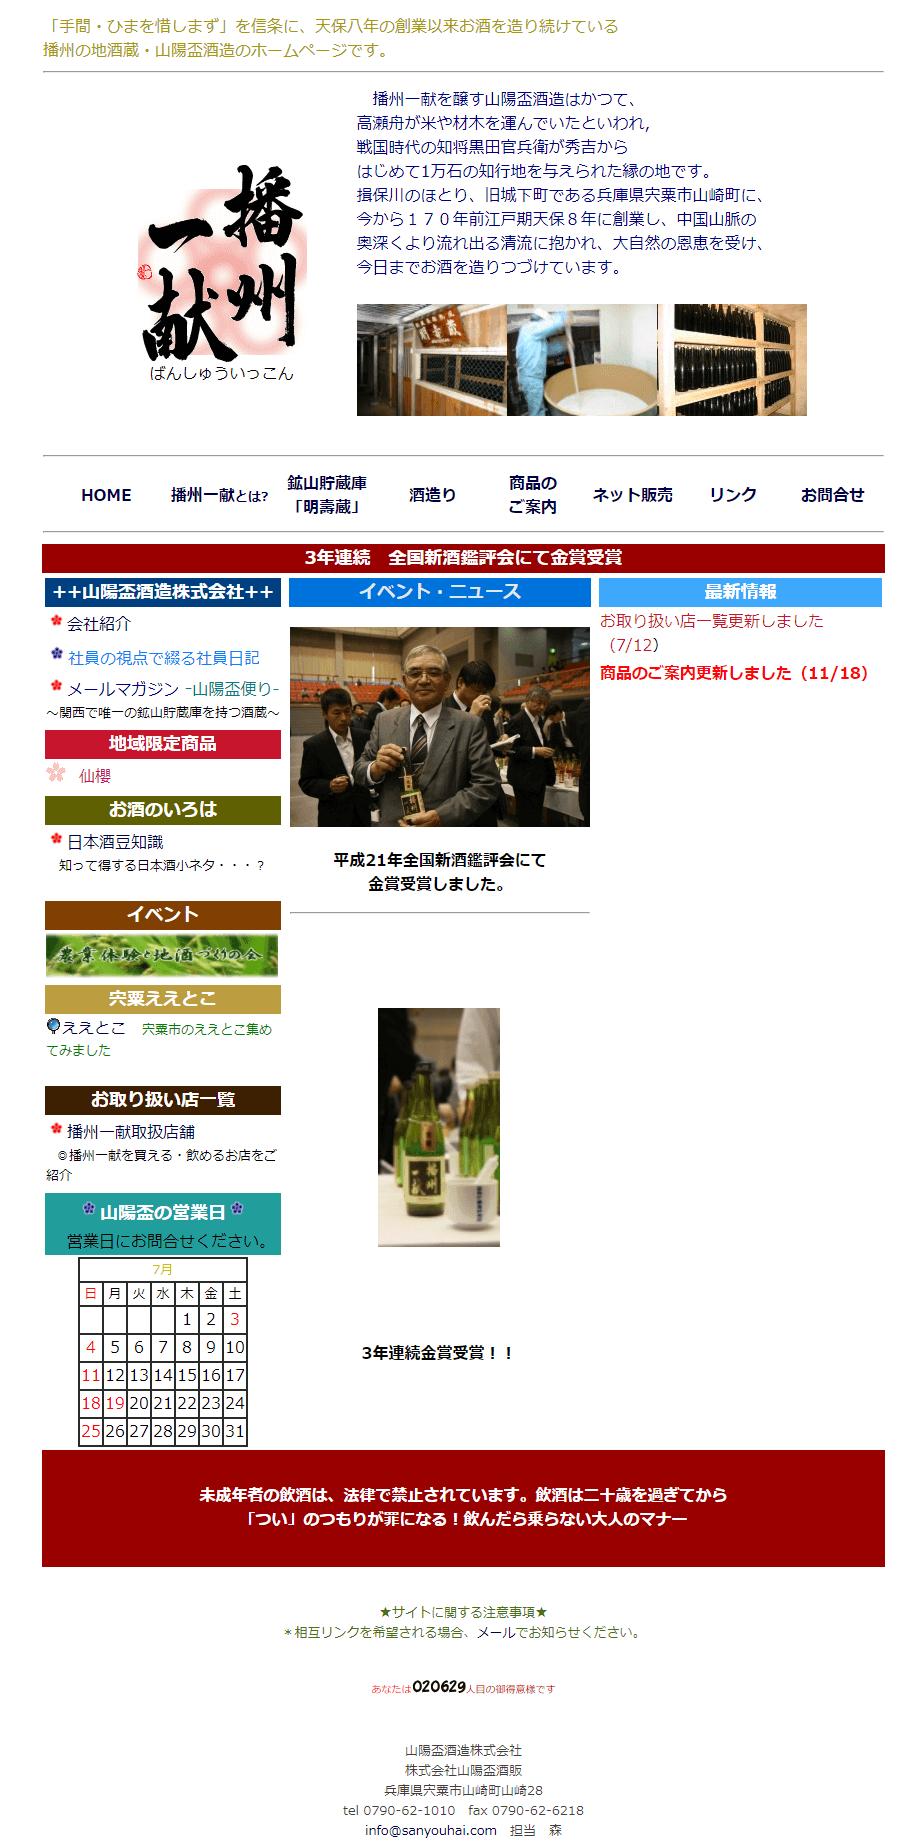 旧サイト:宍粟市 山陽盃酒造株式会社 ホームページ制作